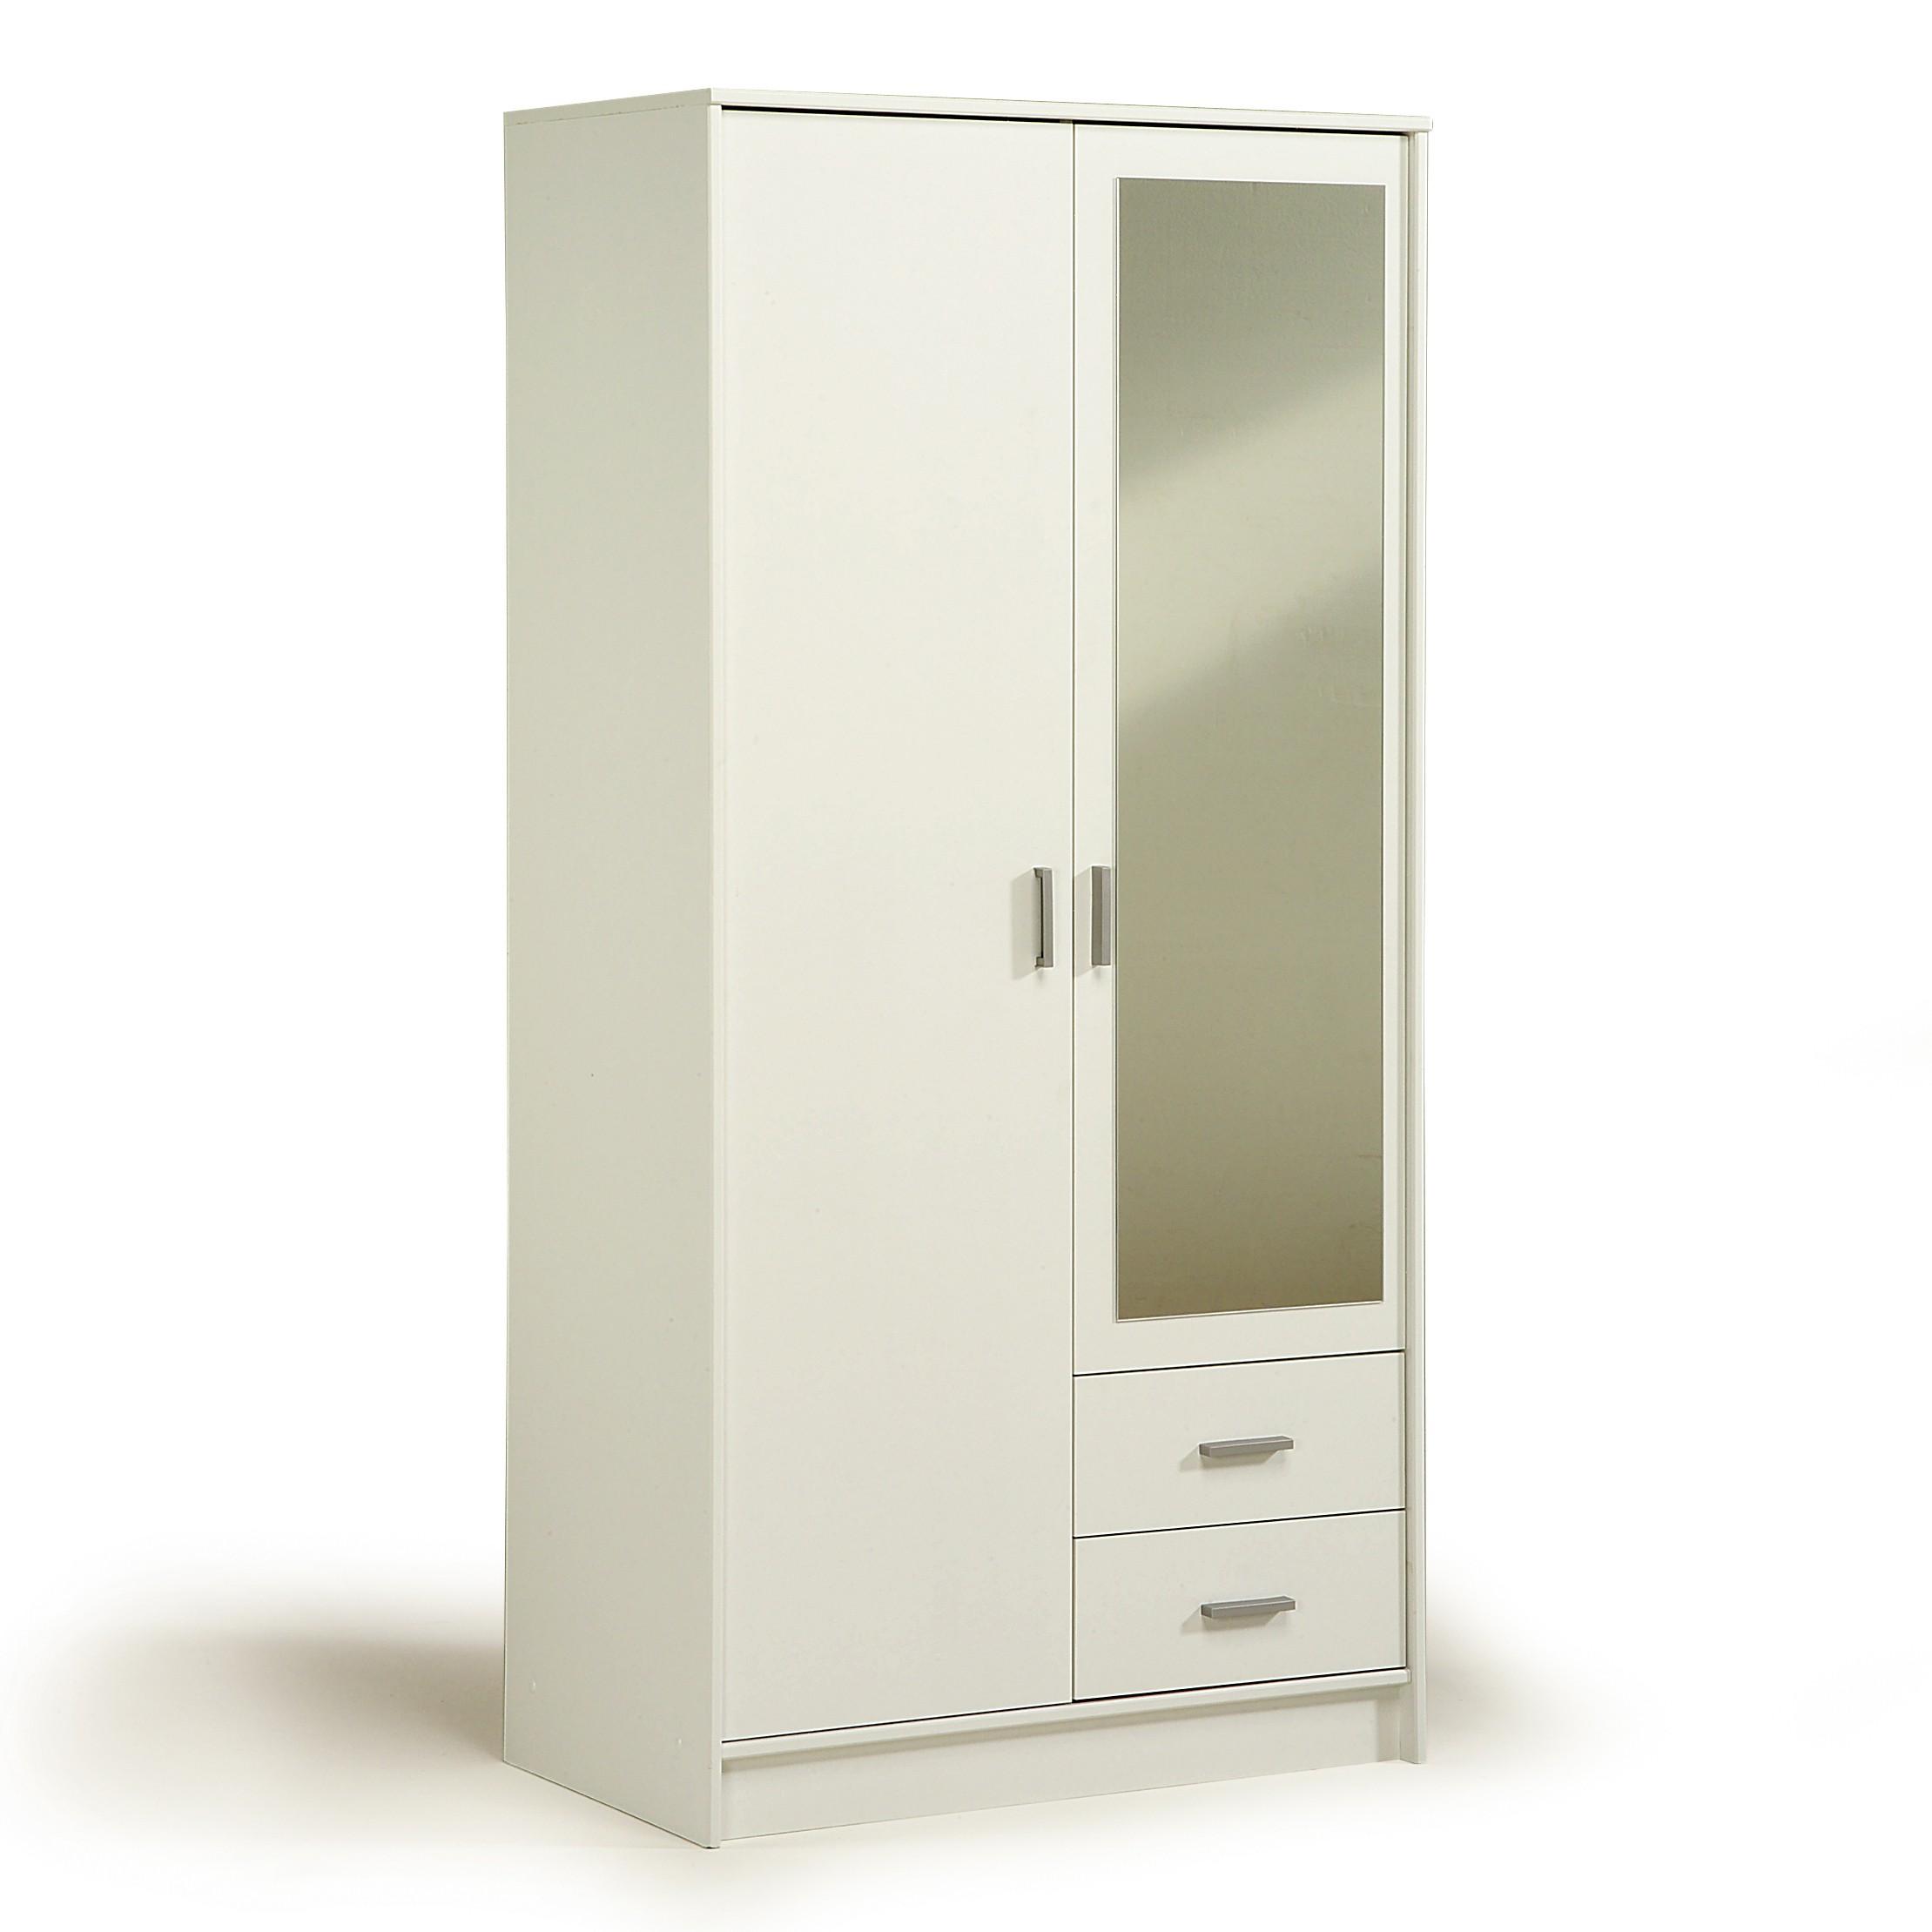 Kleiderschrank Initial - mit Spiegel (Dekor: Weiß) - Schrank.info ...